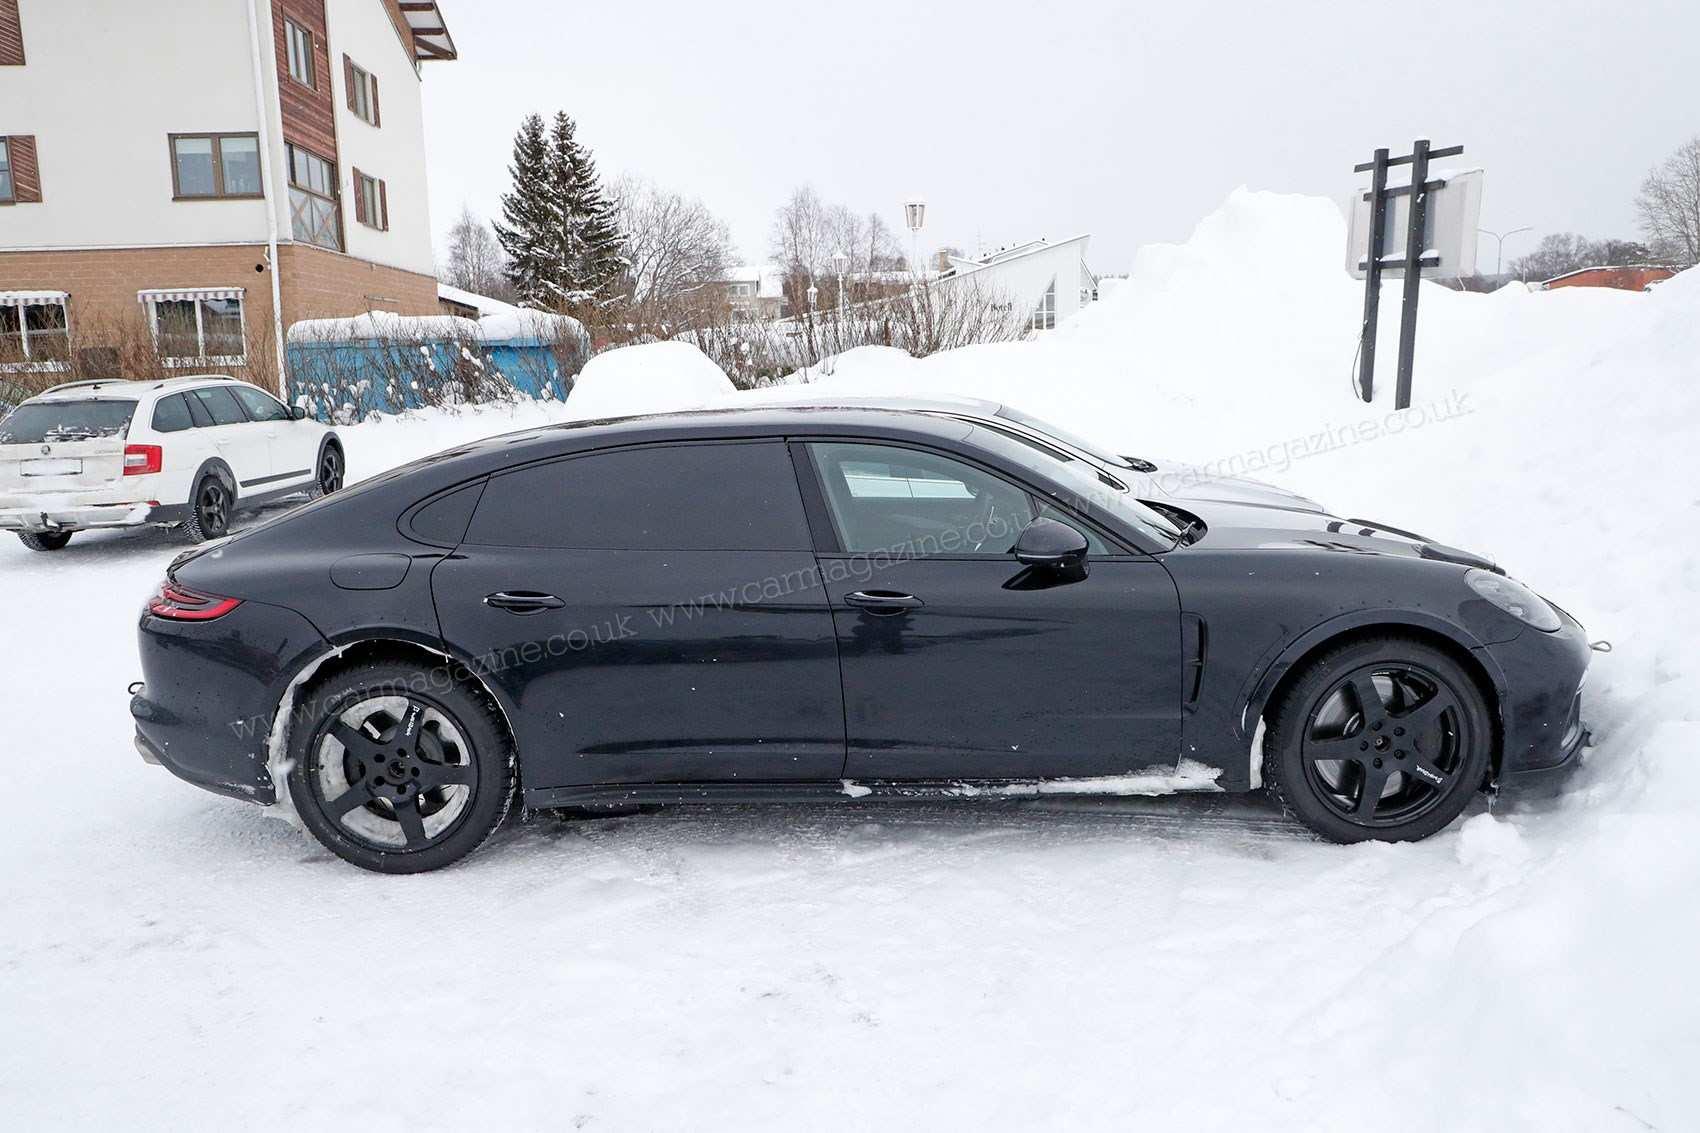 14 Great 2019 Bentley 4 Door Exterior and Interior for 2019 Bentley 4 Door